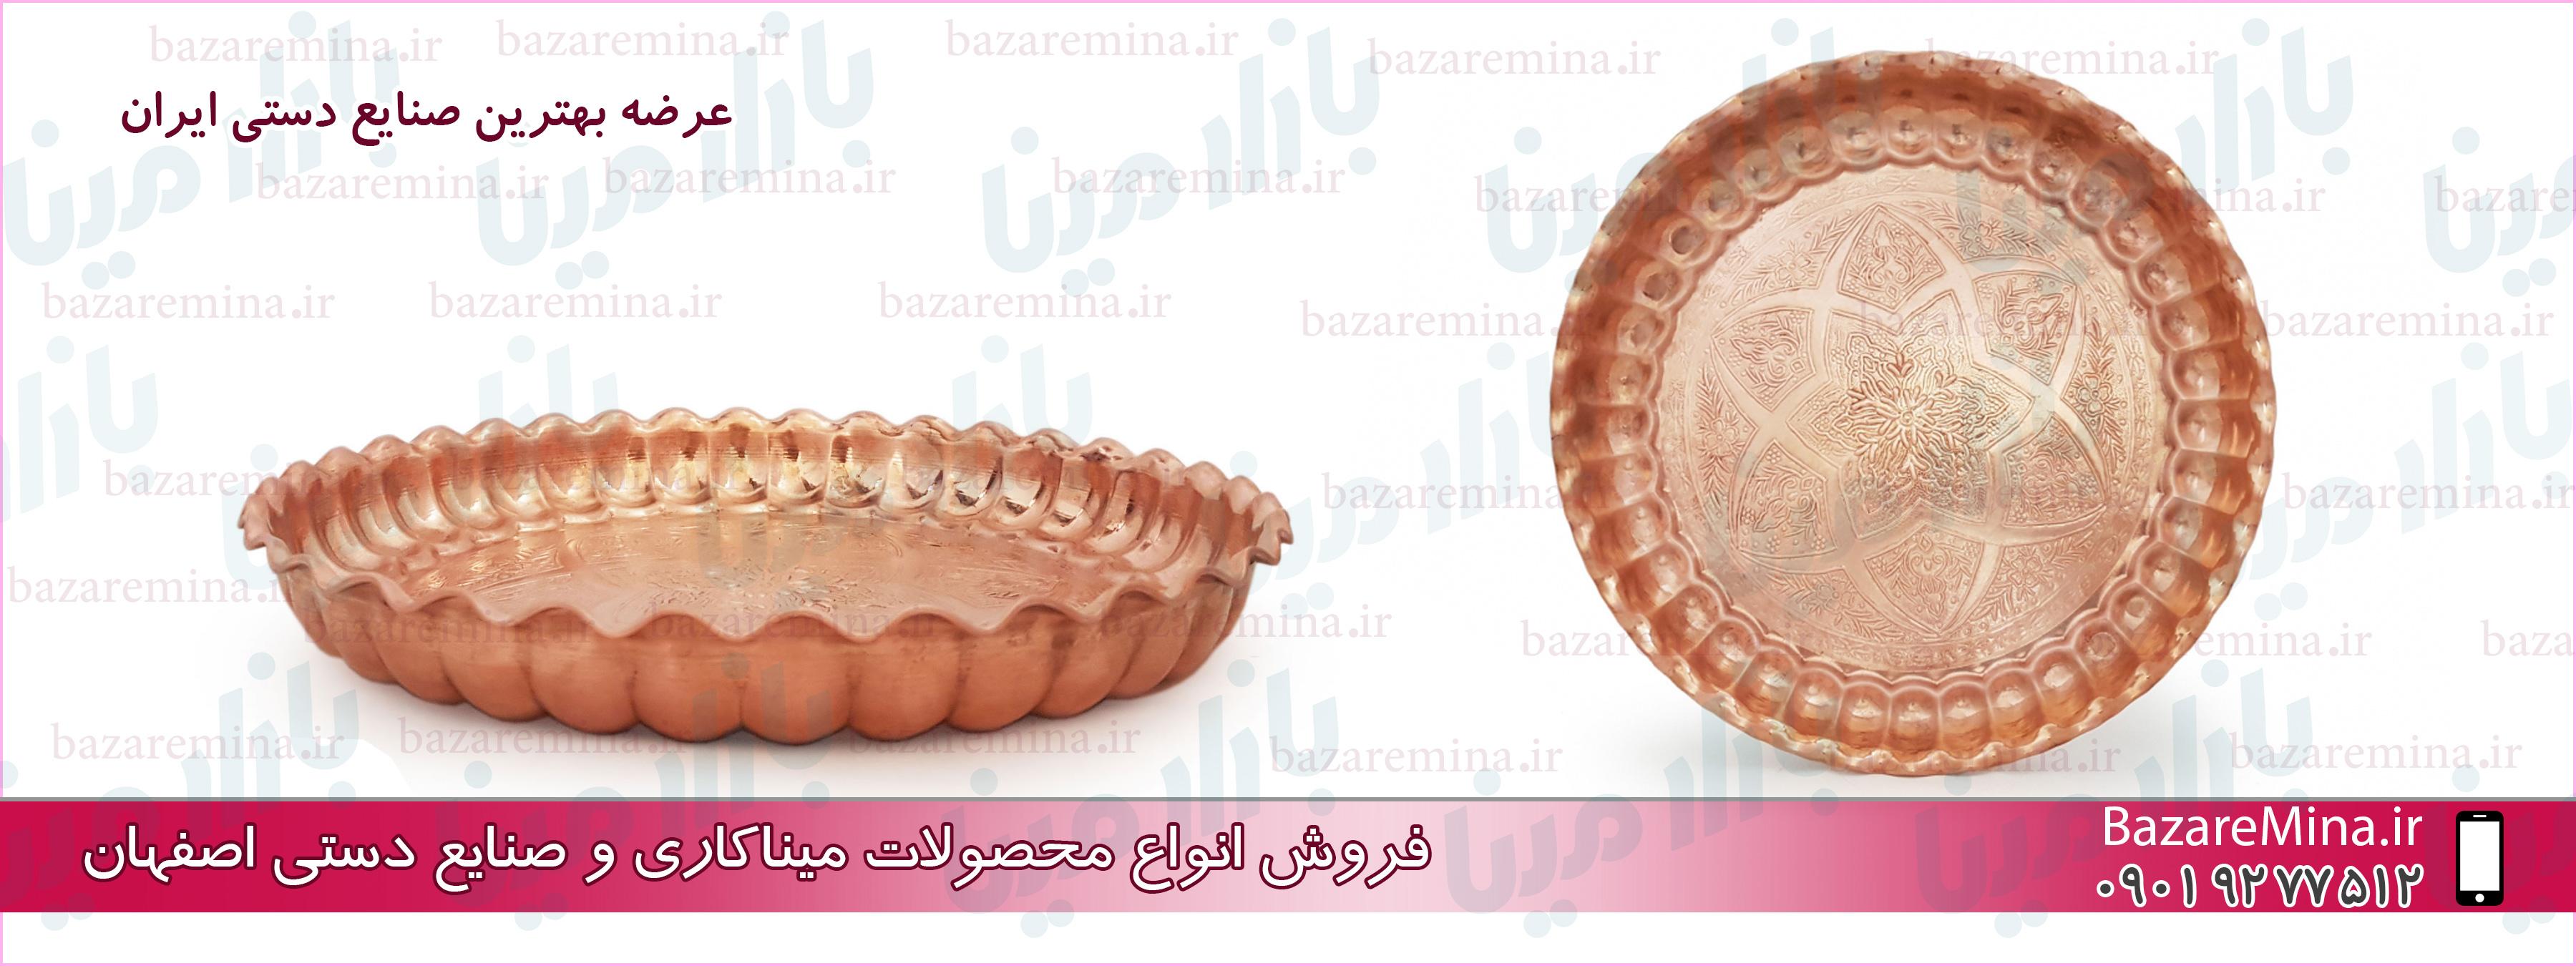 فروش عمده میناکاری اصفهان